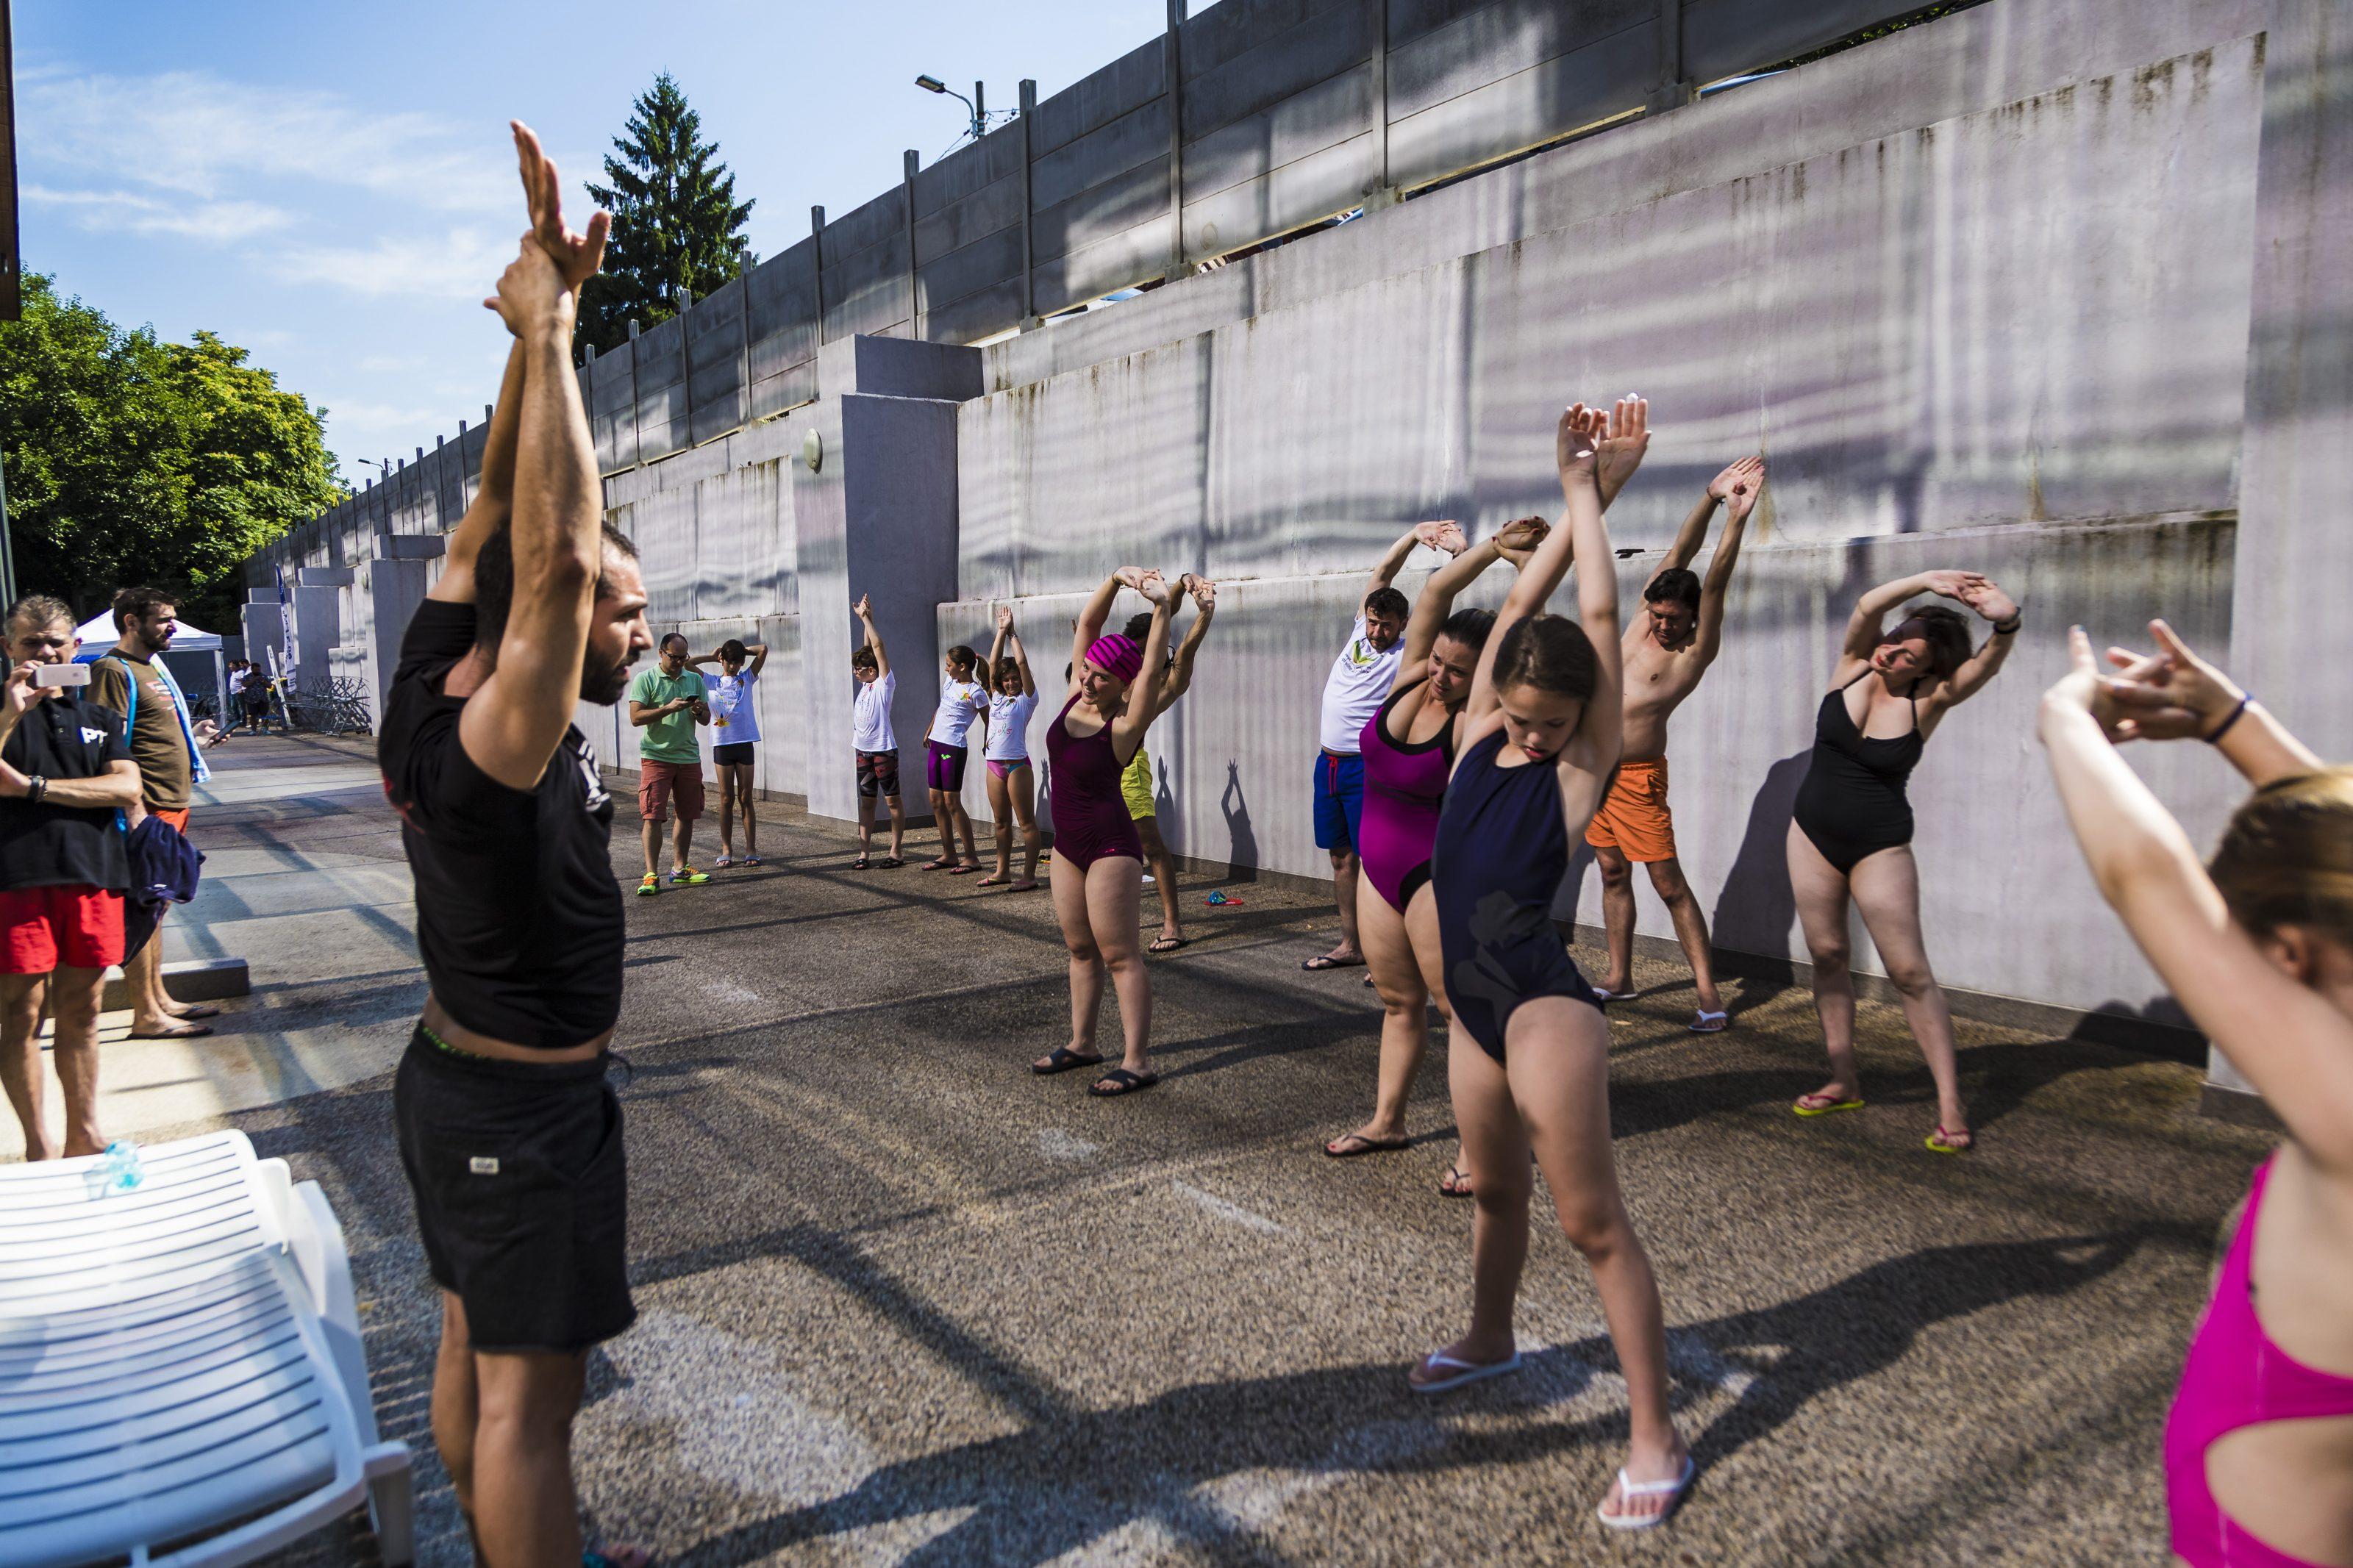 Peste 400 de bucureșteni înoată voluntar și strâng bani pentru 25 de ONG-uri și grupuri de inițiativă